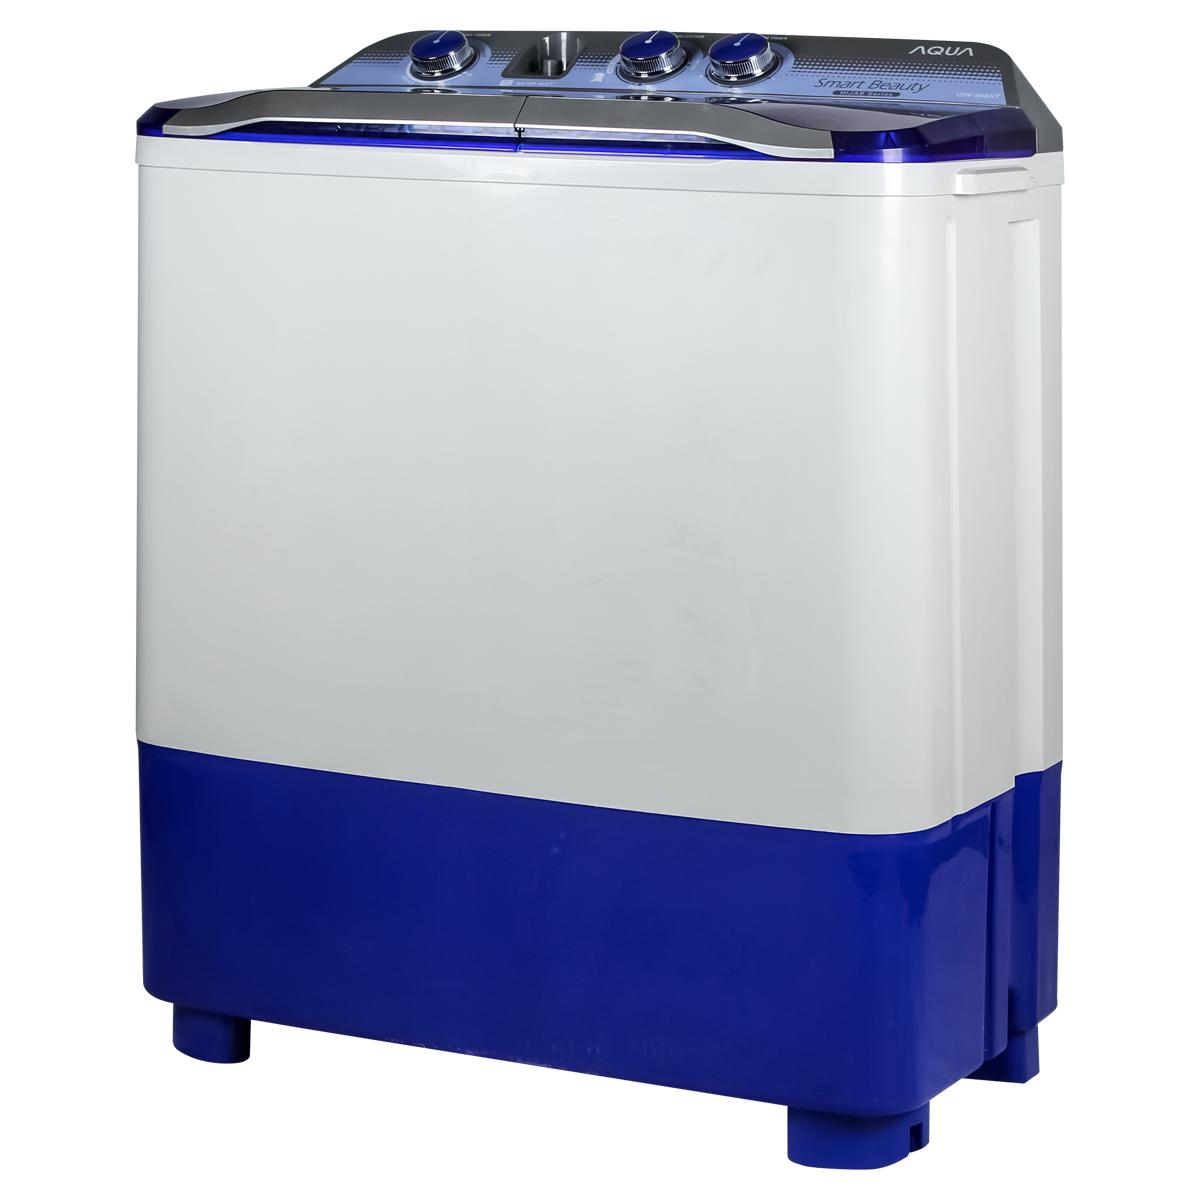 ... Aqua QW 880 XT Mesin Cuci 2 Tabung Putih Biru - Khusus Jabodetabek ...